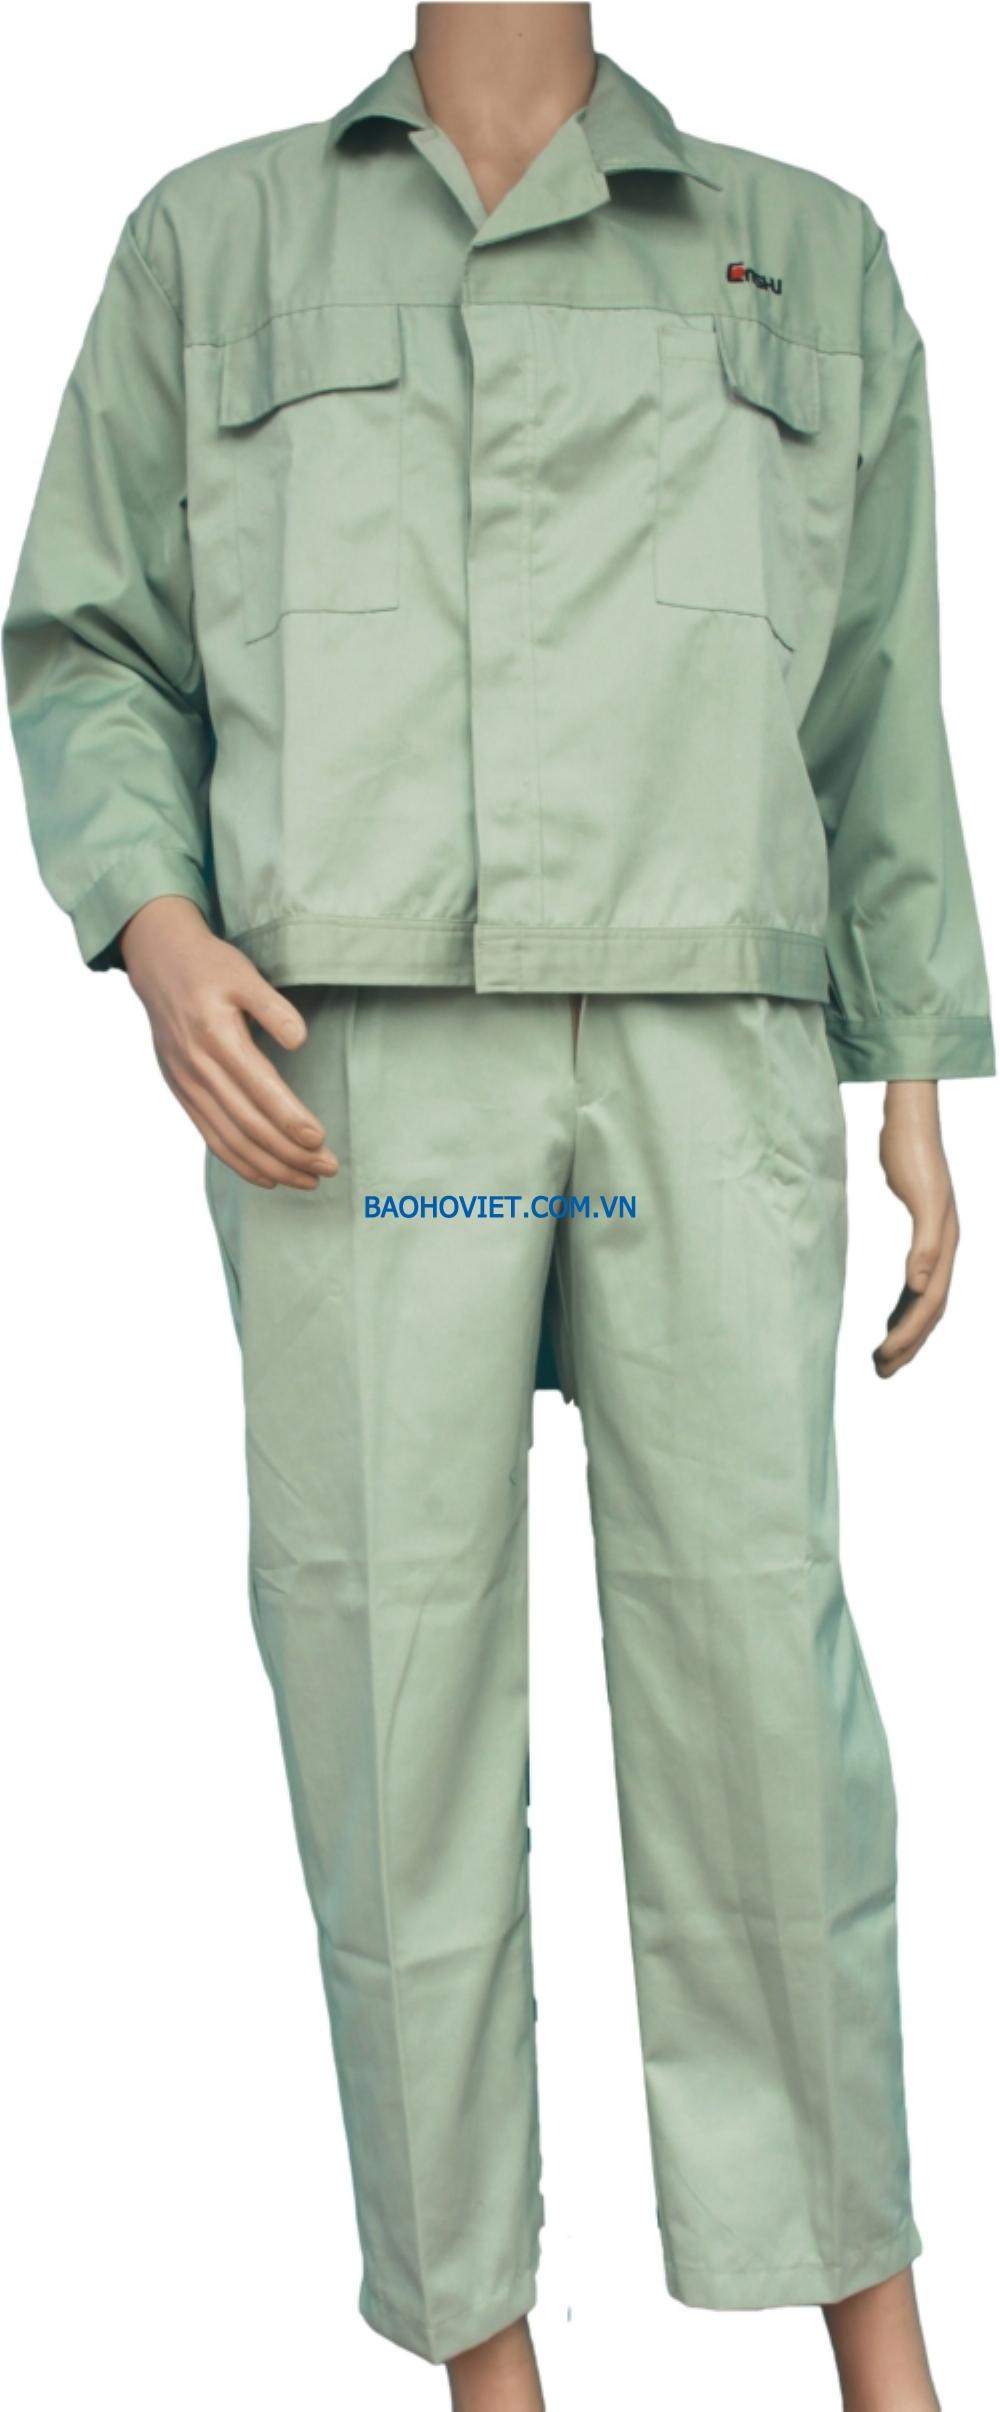 Quaan áo Pangrim Hàn Quốc nhiều mầu - May theo yêu cầu